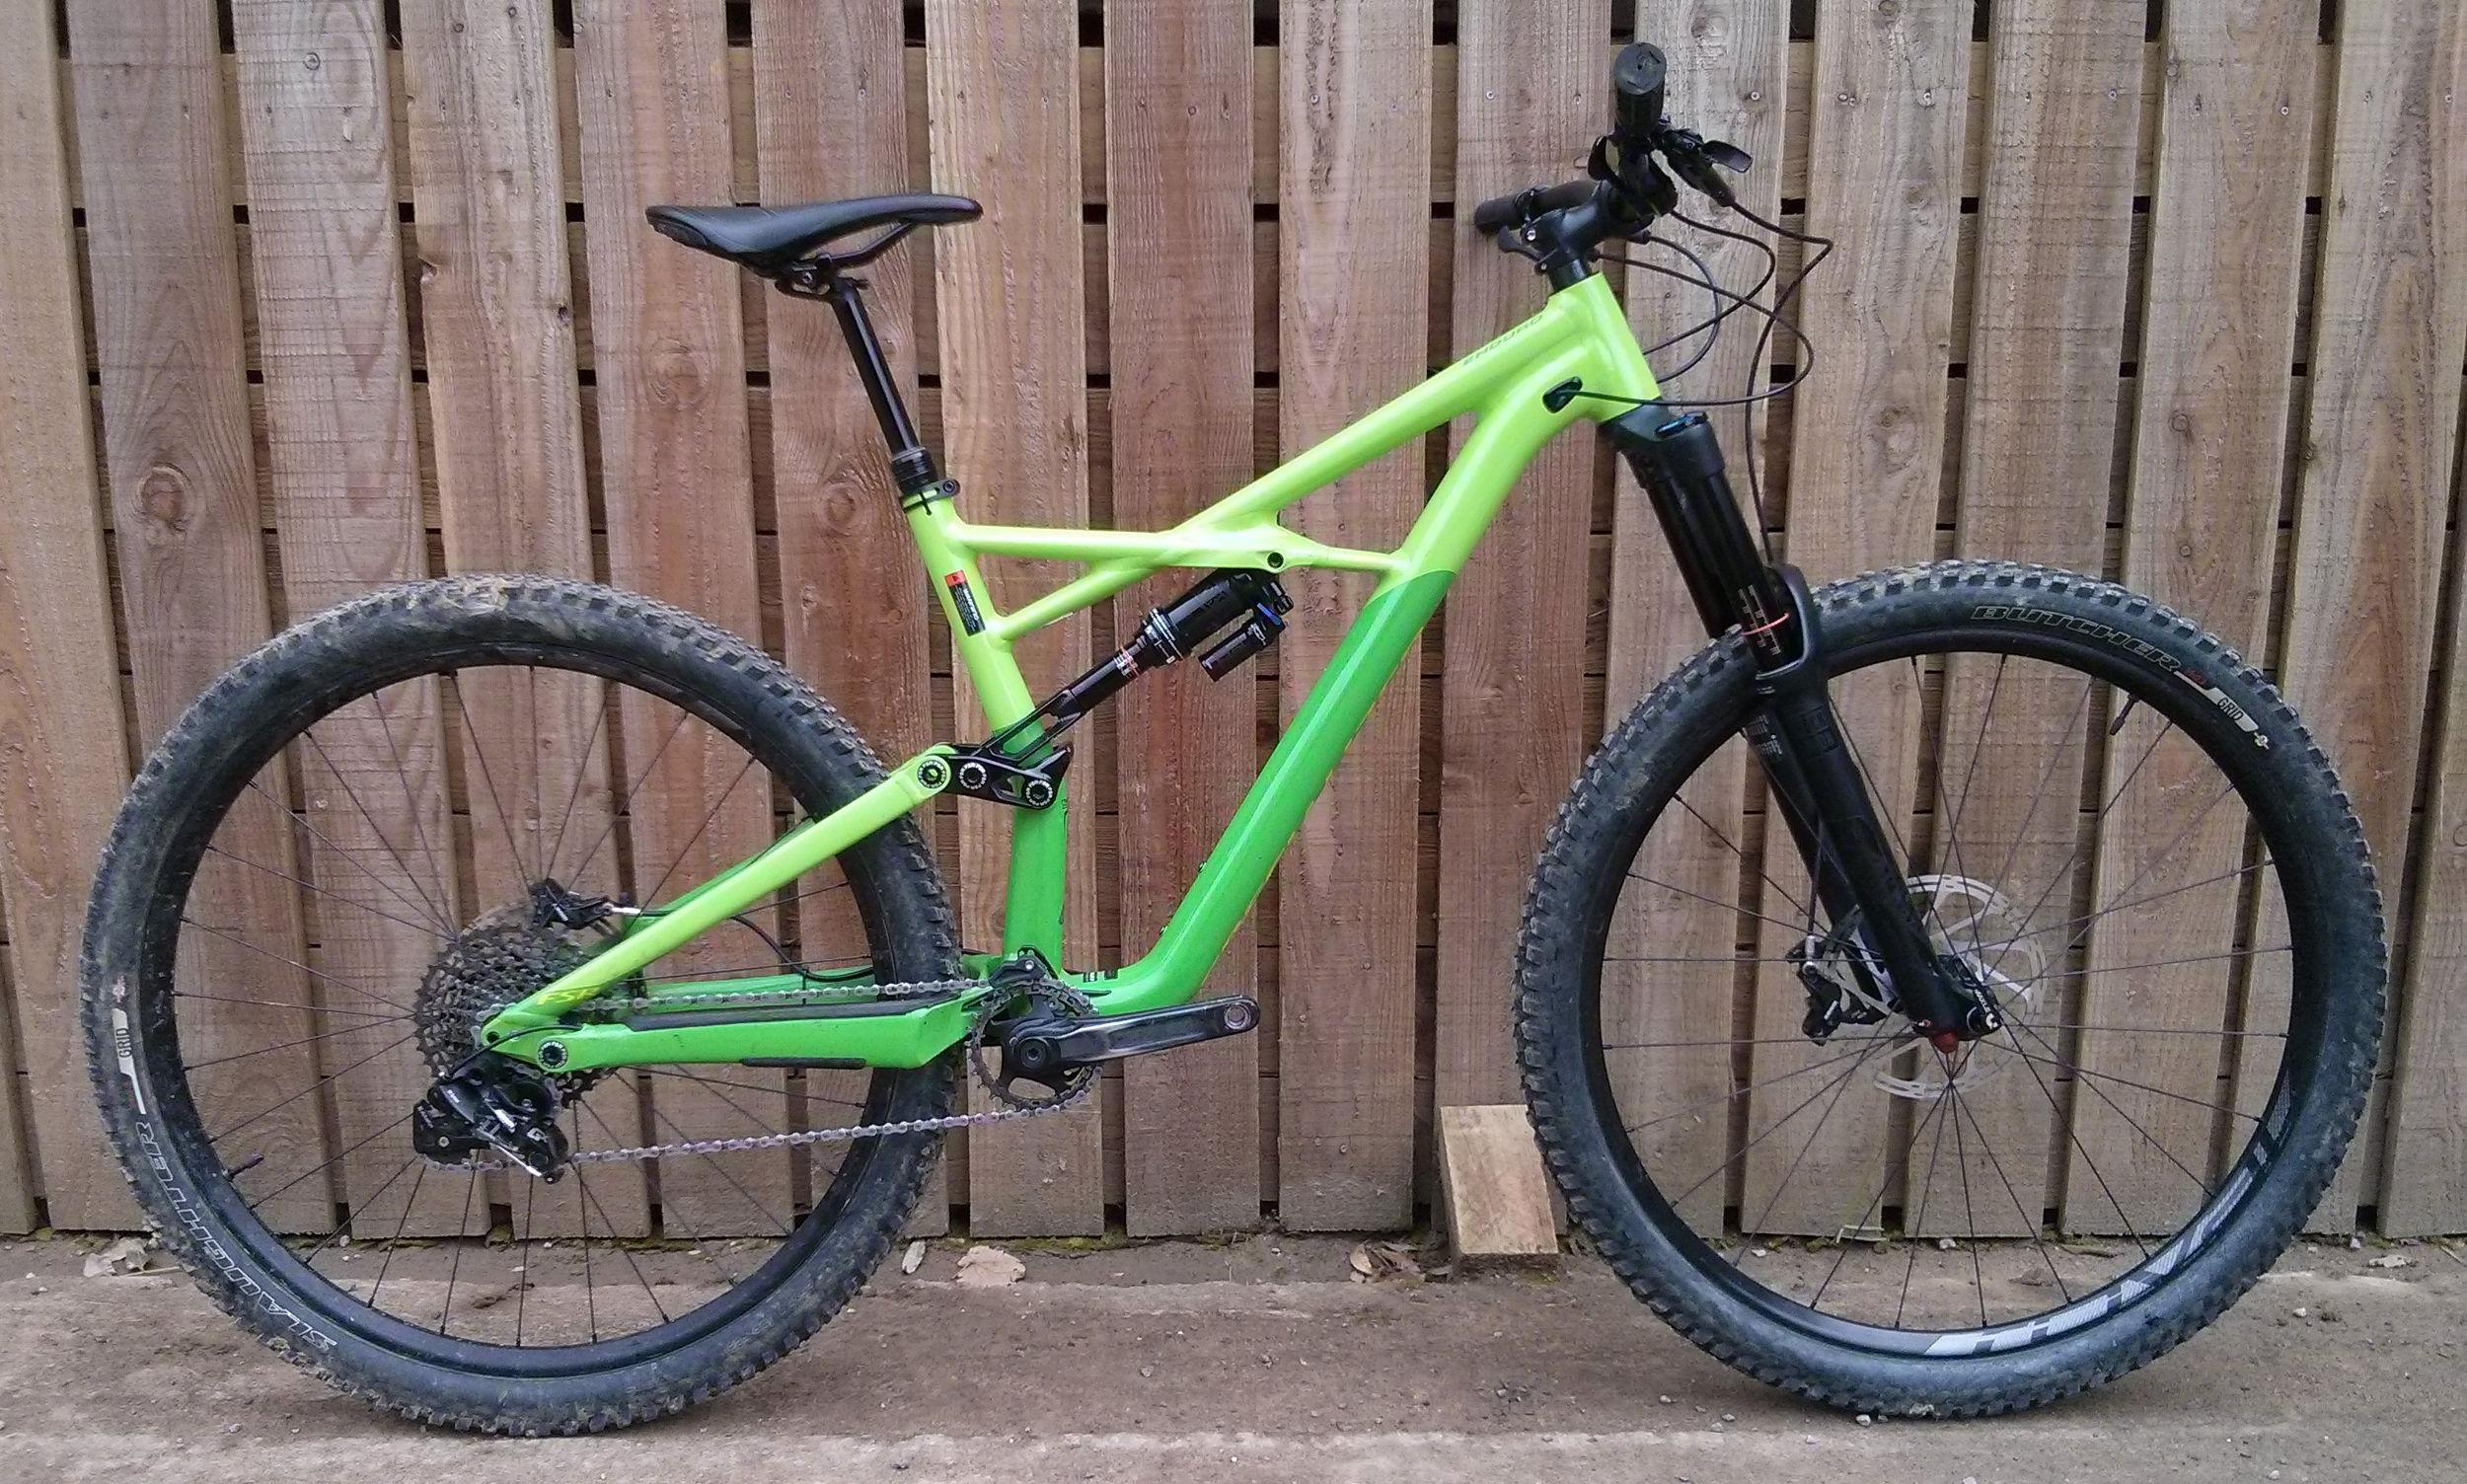 Ex Demo Specialized Enduro Comp 29er 2017 Large Green/Hyper